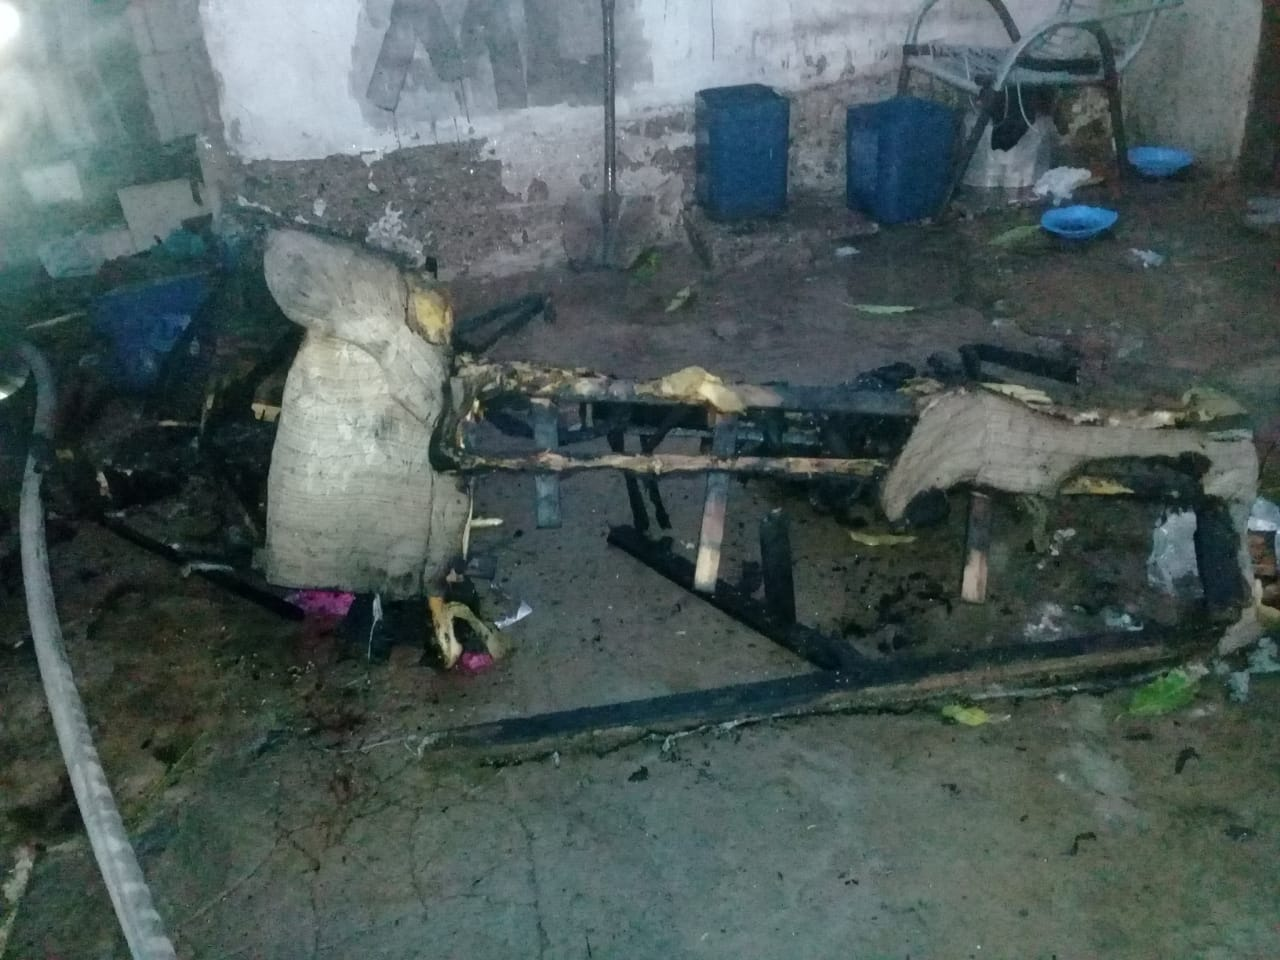 Vários objetos foram danificados pelo fogo